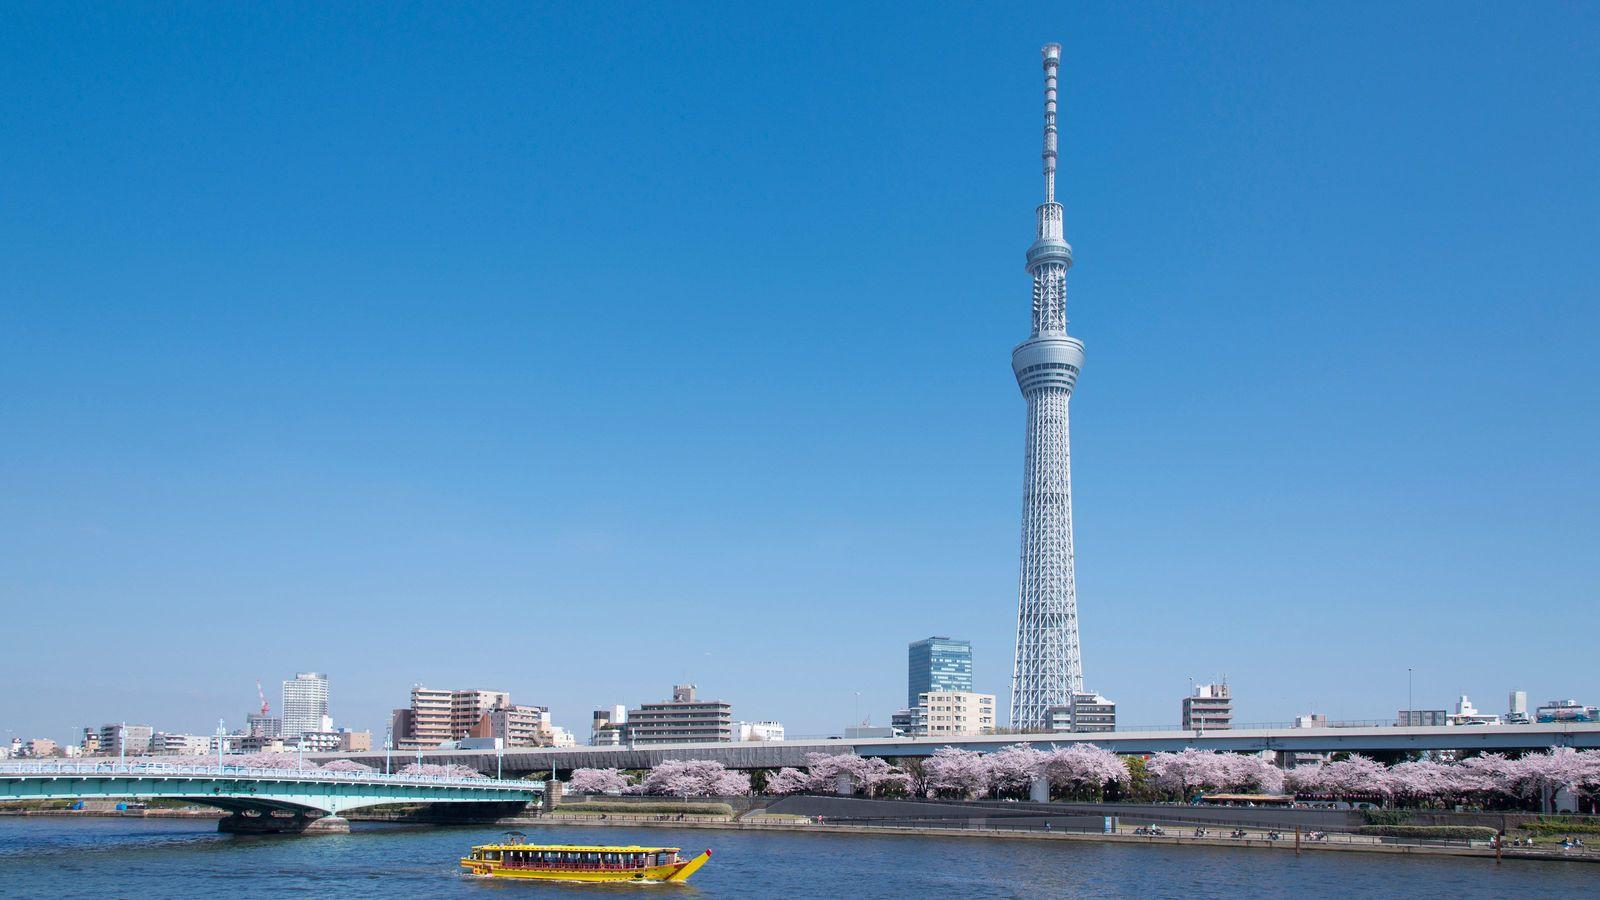 徳川家康が河川工事から手をつけた3つの理由 107の川がある東京の魅力とリスク